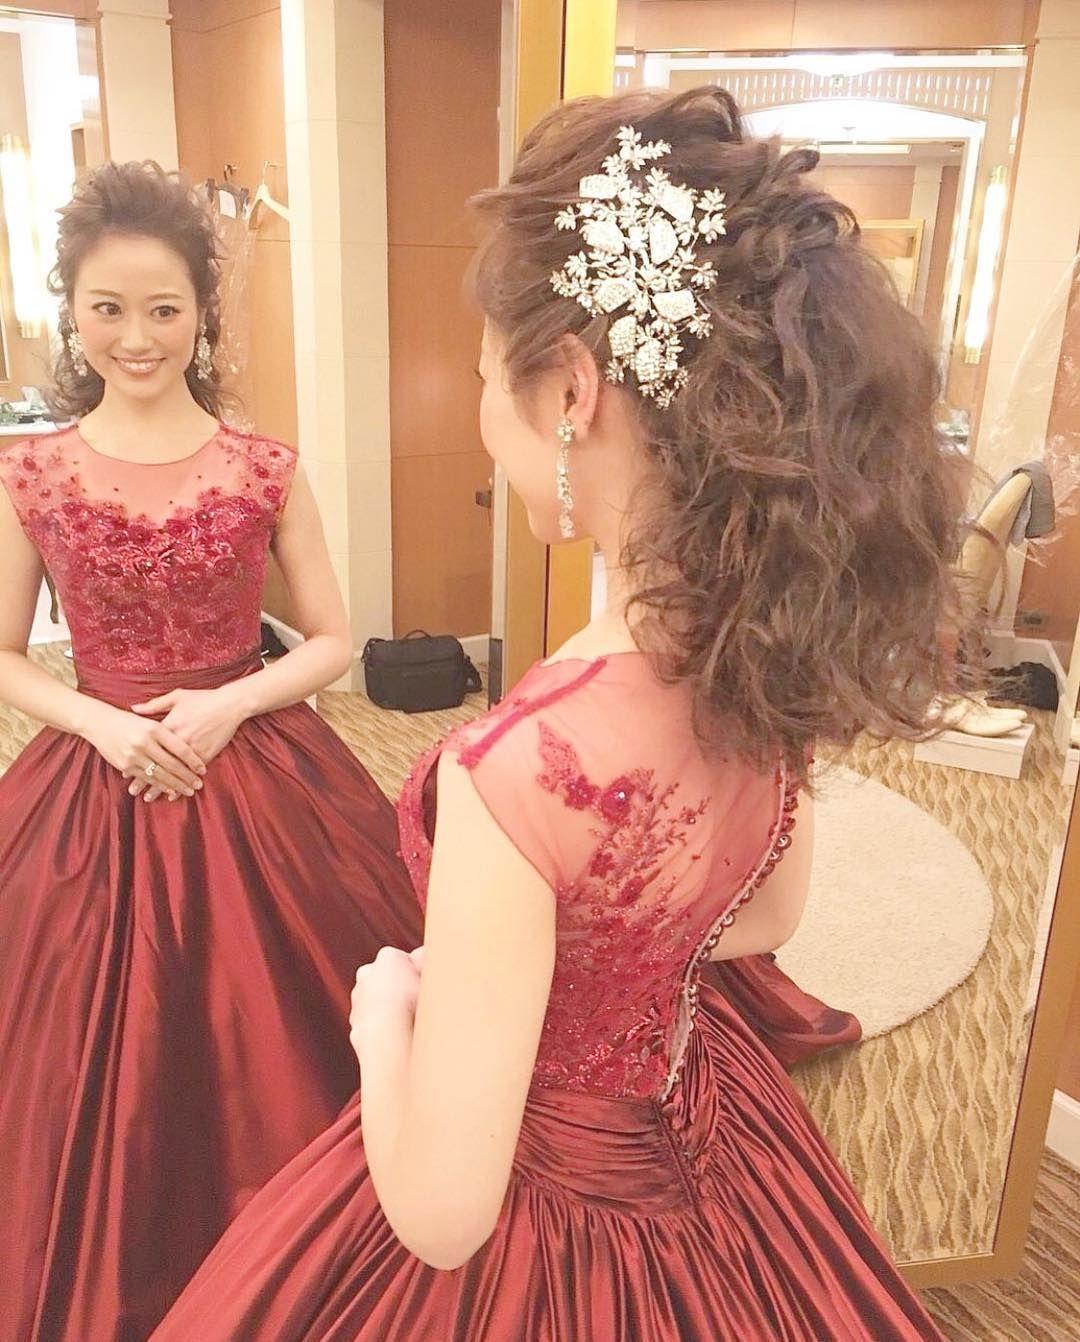 ウェディングドレスにぴったりの髪型30選 ゆるふわ でおしゃれ花嫁に Part 2 ウエディングドレス ヘアスタイル ウェディングドレス 髪型 アップ 花嫁 ヘアスタイル